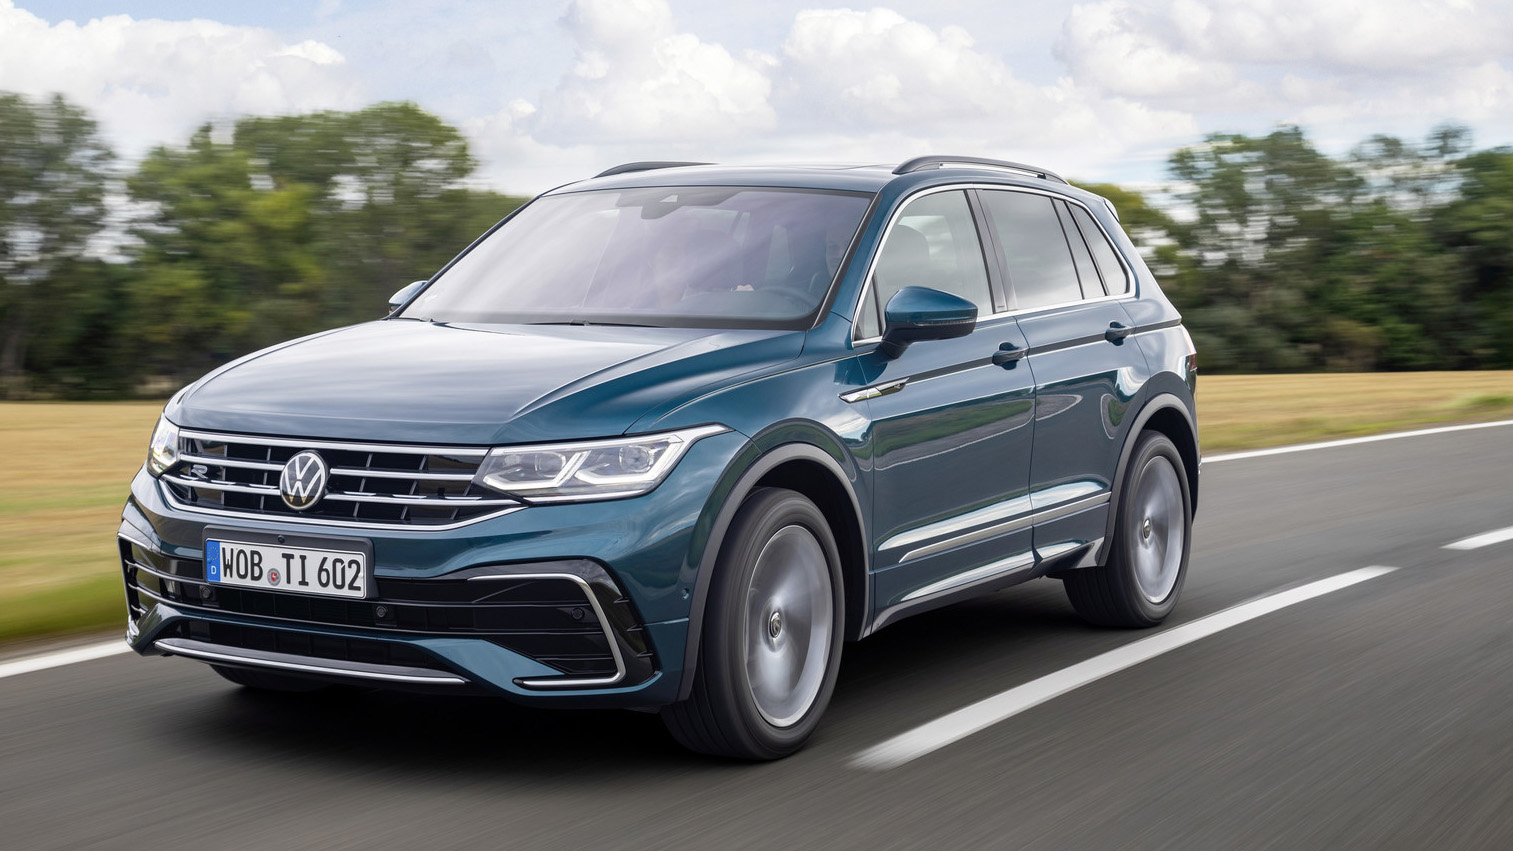 小改款 Volkswagen Tiguan 109.8 萬起,性能版 Tiguan R 預售價曝光